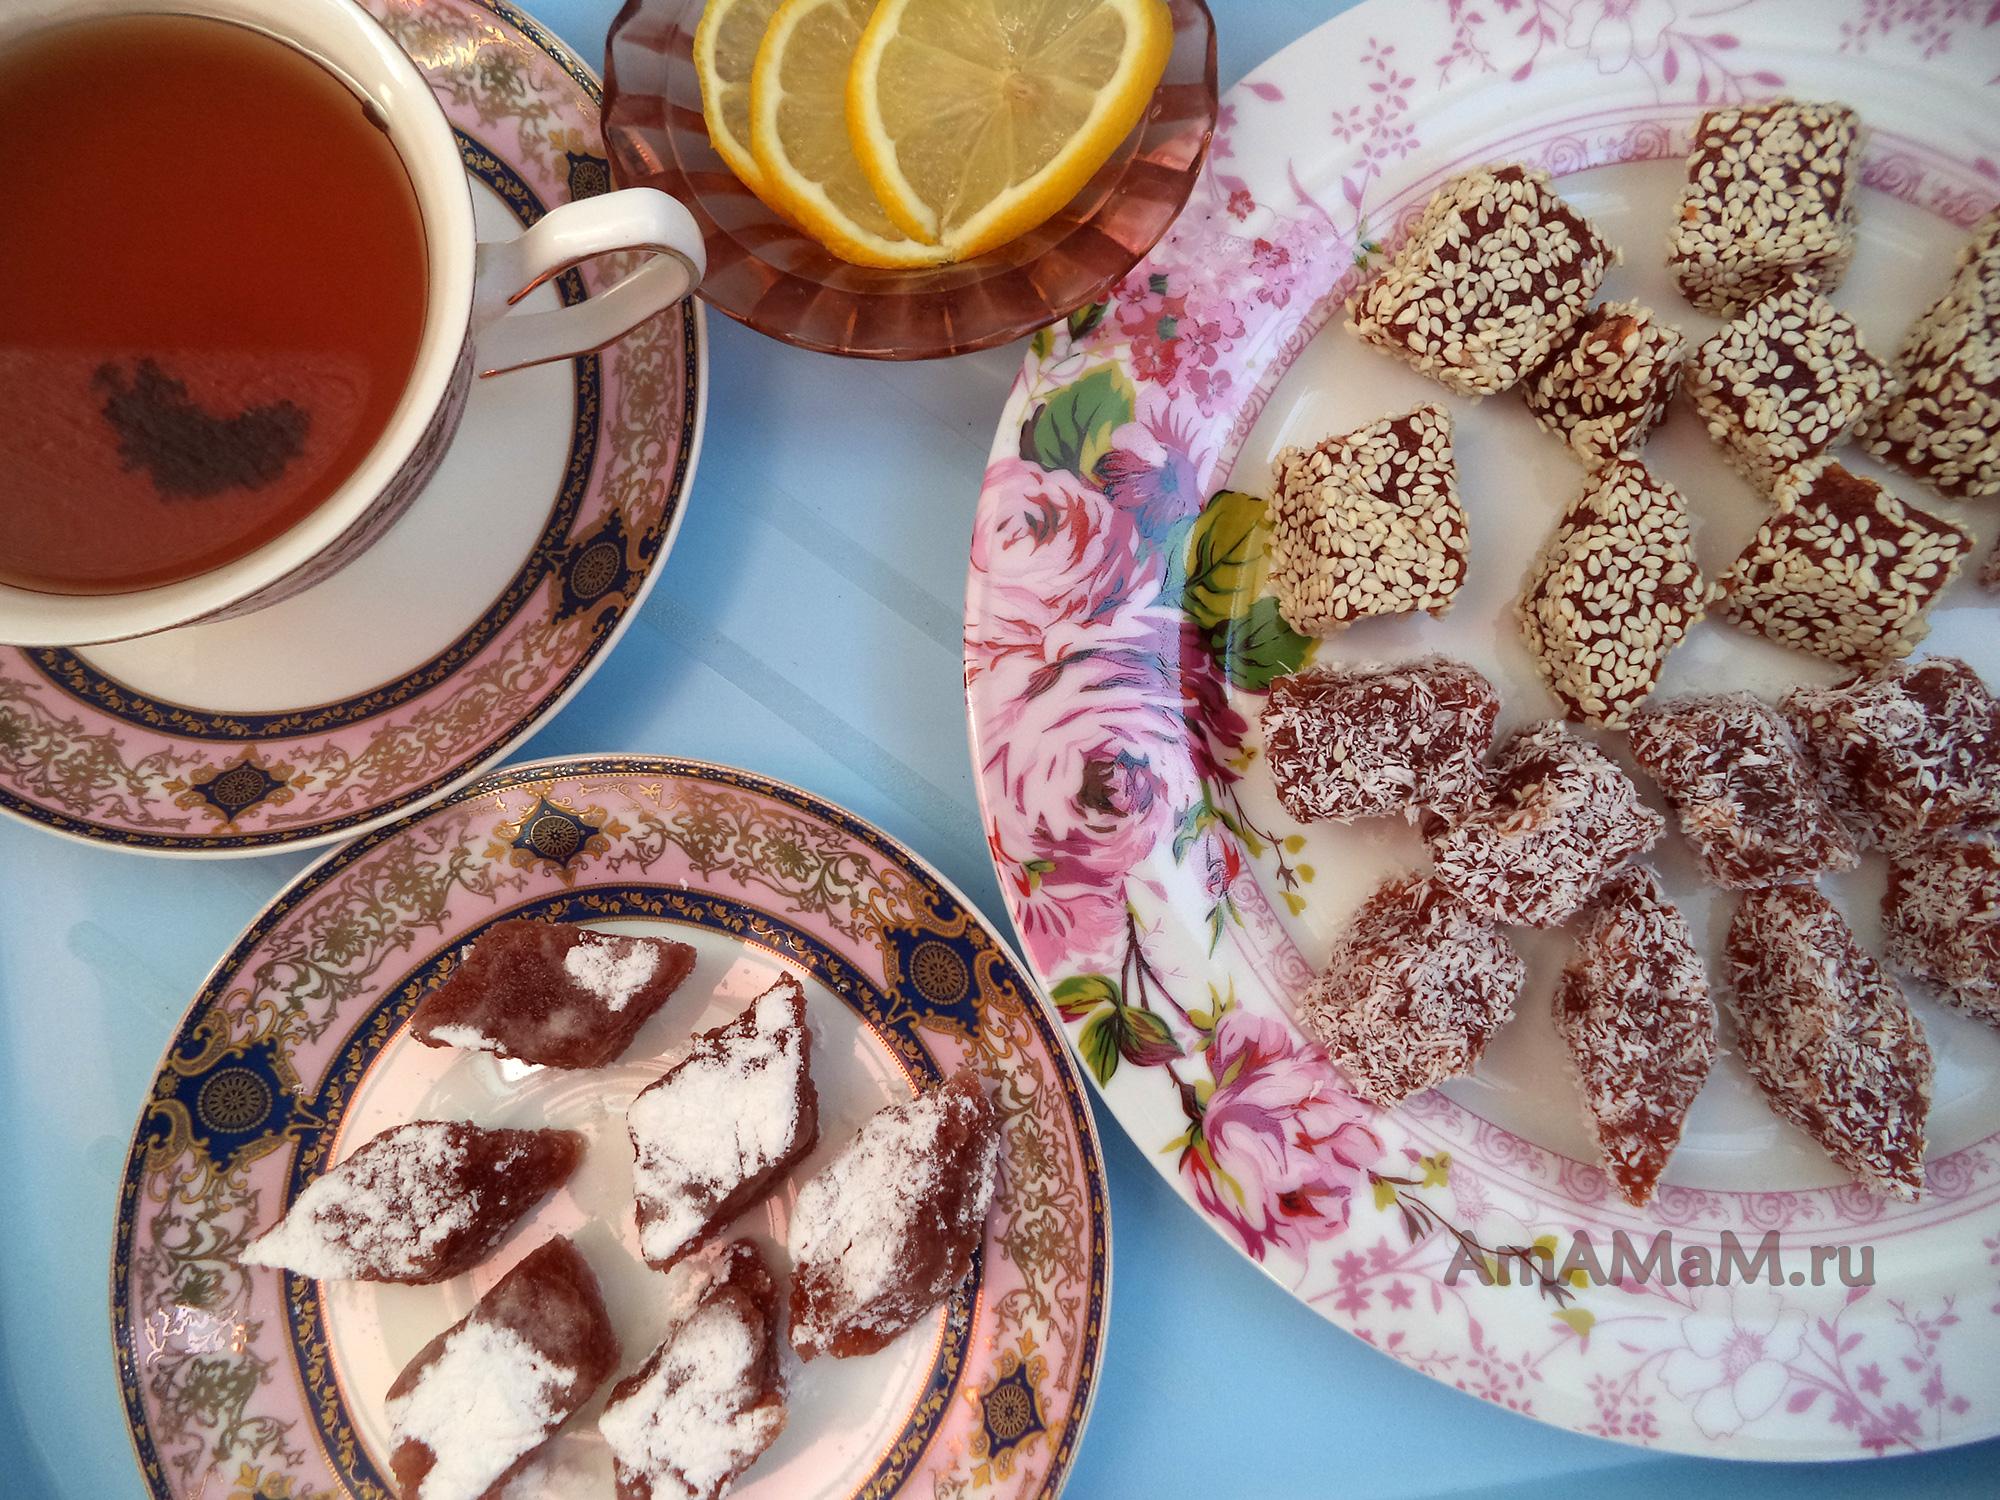 Яблочный мармелад домашнего приготовления - фото и рецепт